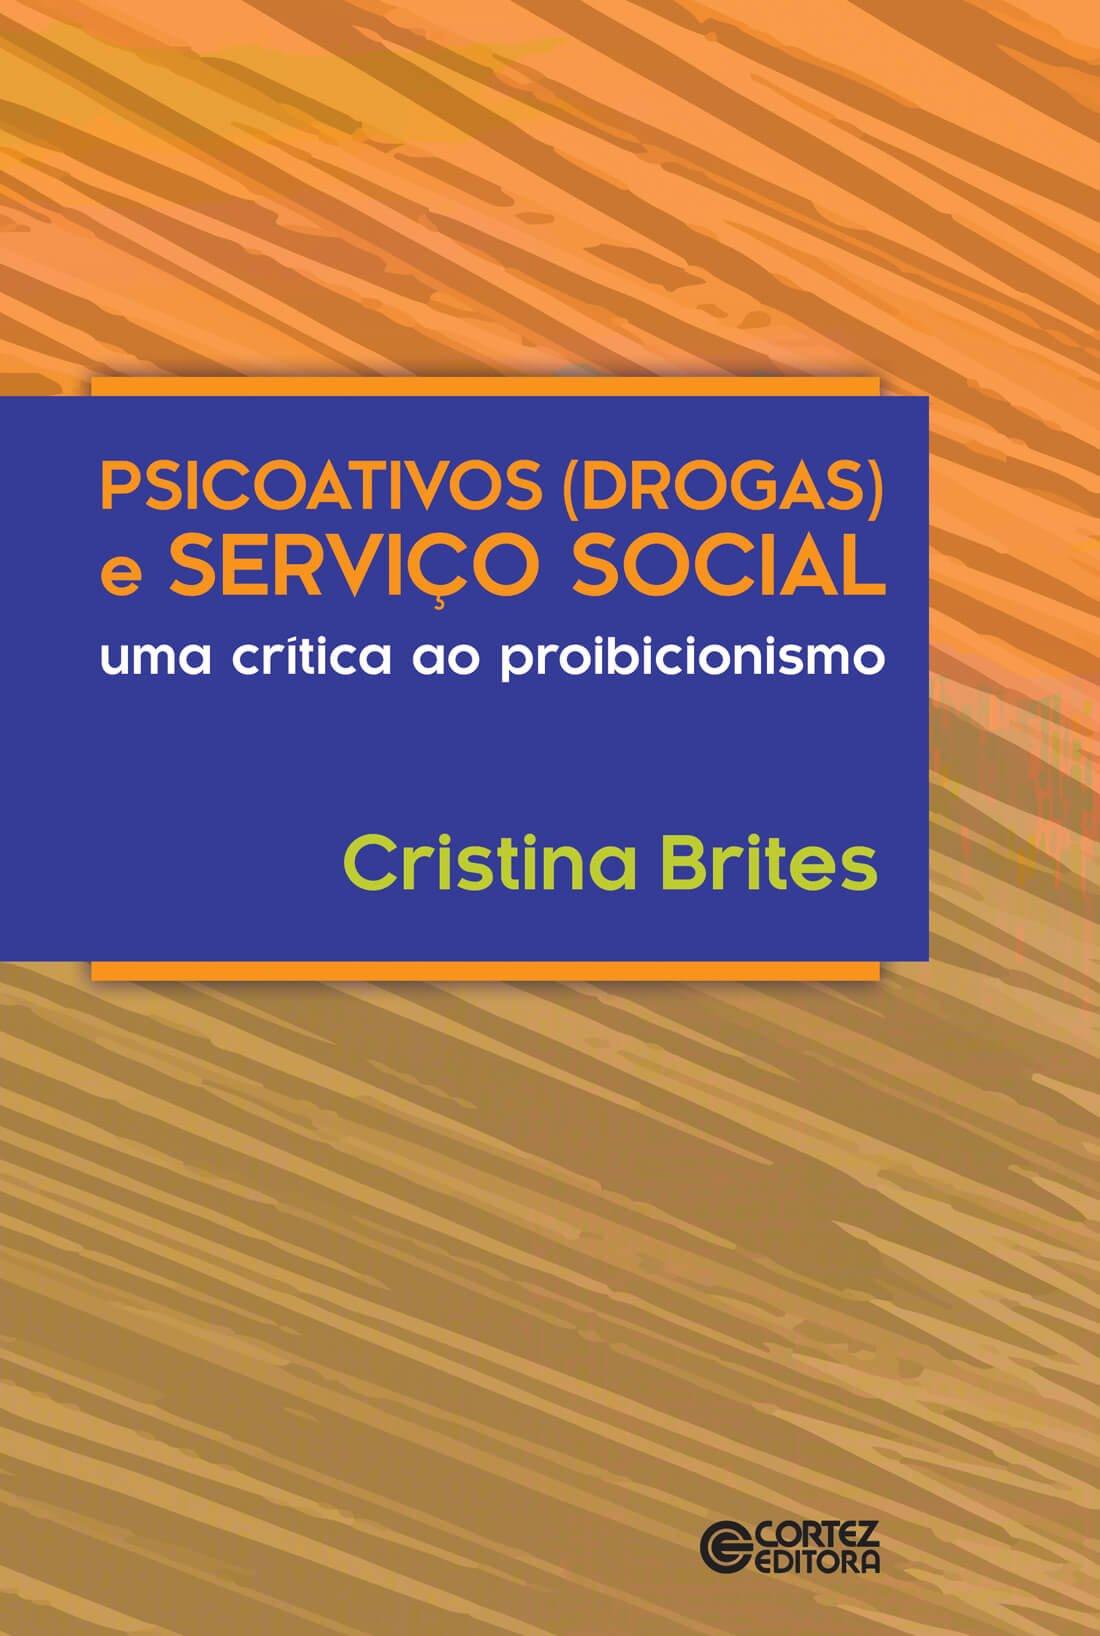 Psicoativos (drogas) e serviço social: uma crítica ao proibicionismo, livro de Cristina Brites